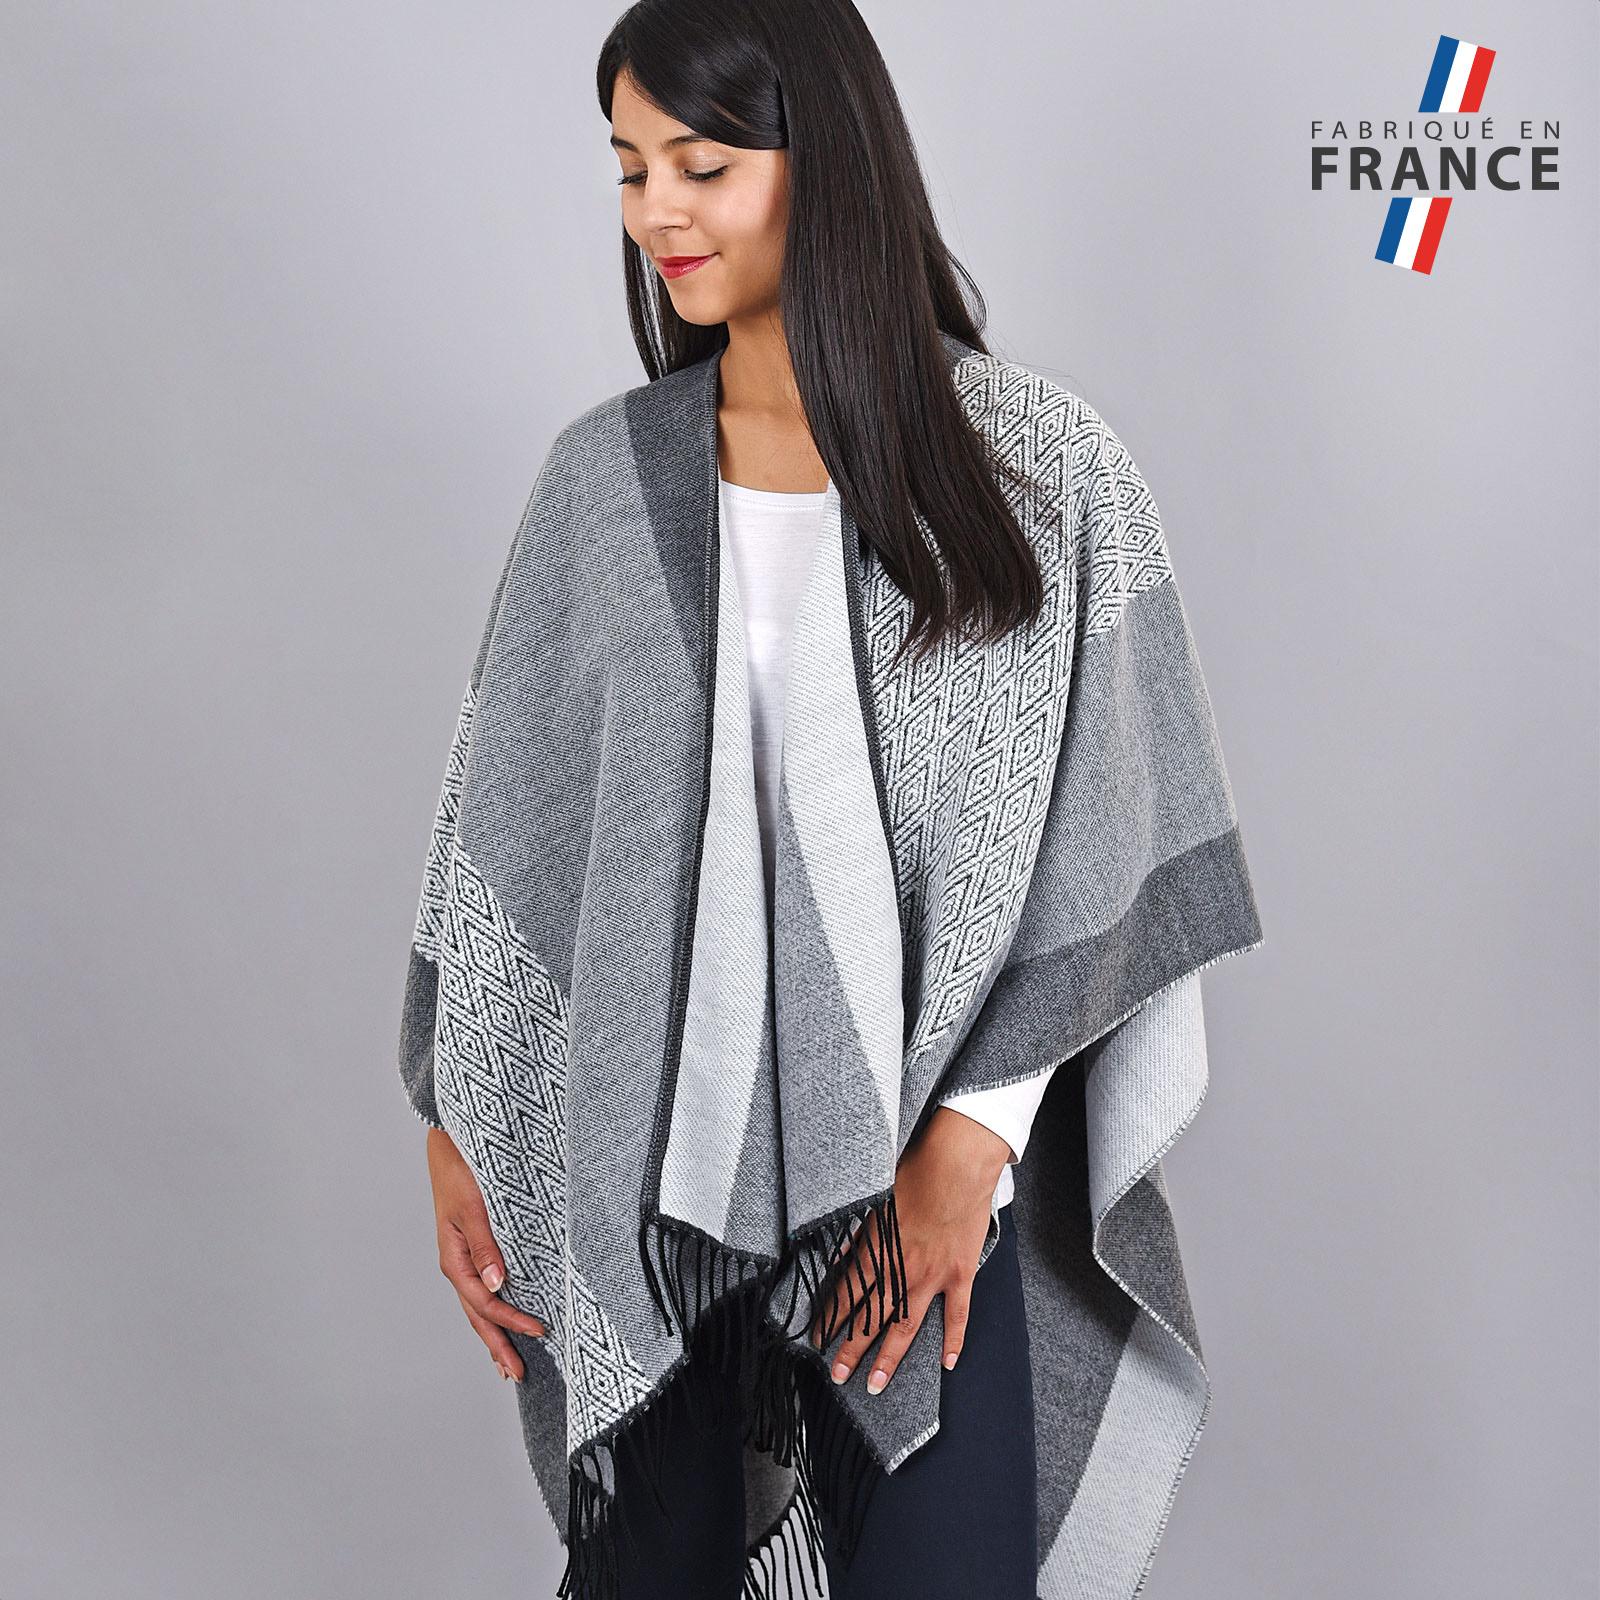 AT-03965-VF16-FR-poncho-femme-gris-bandes